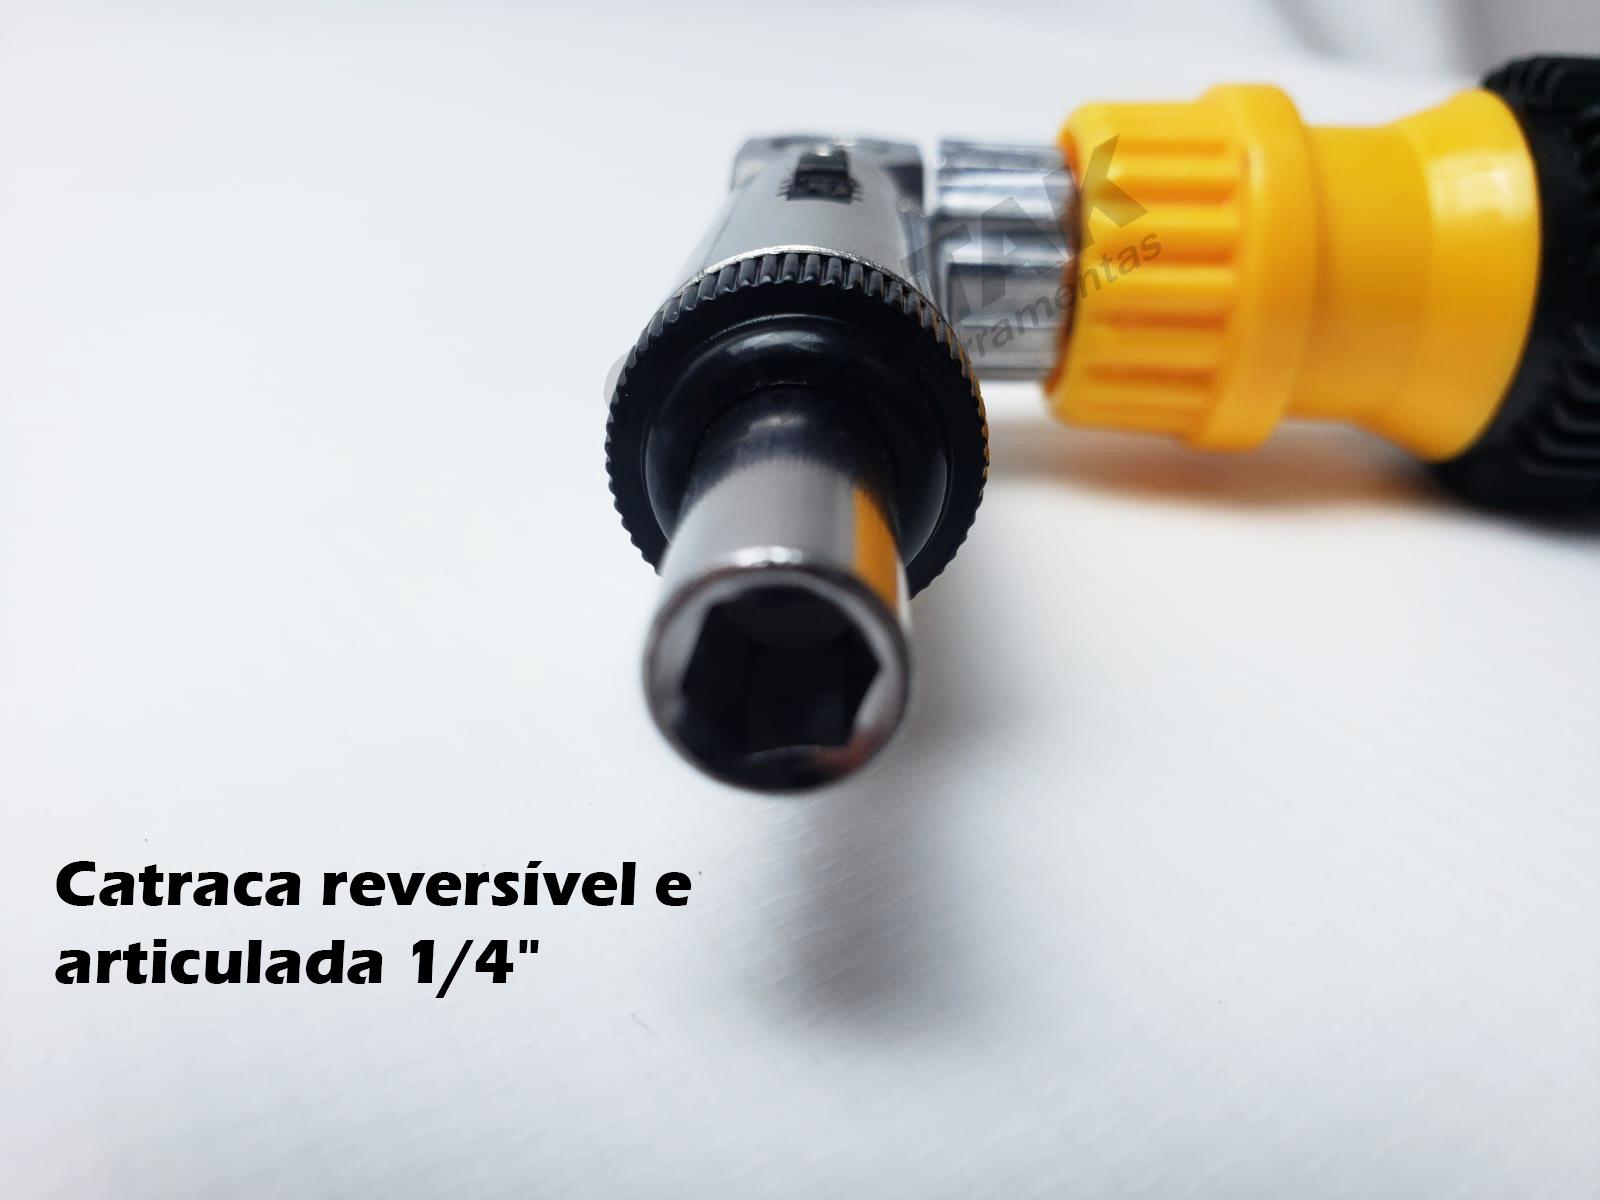 Kit Ferramentas Estepe Macaco Hidráulico Garrafa 2t Maleta